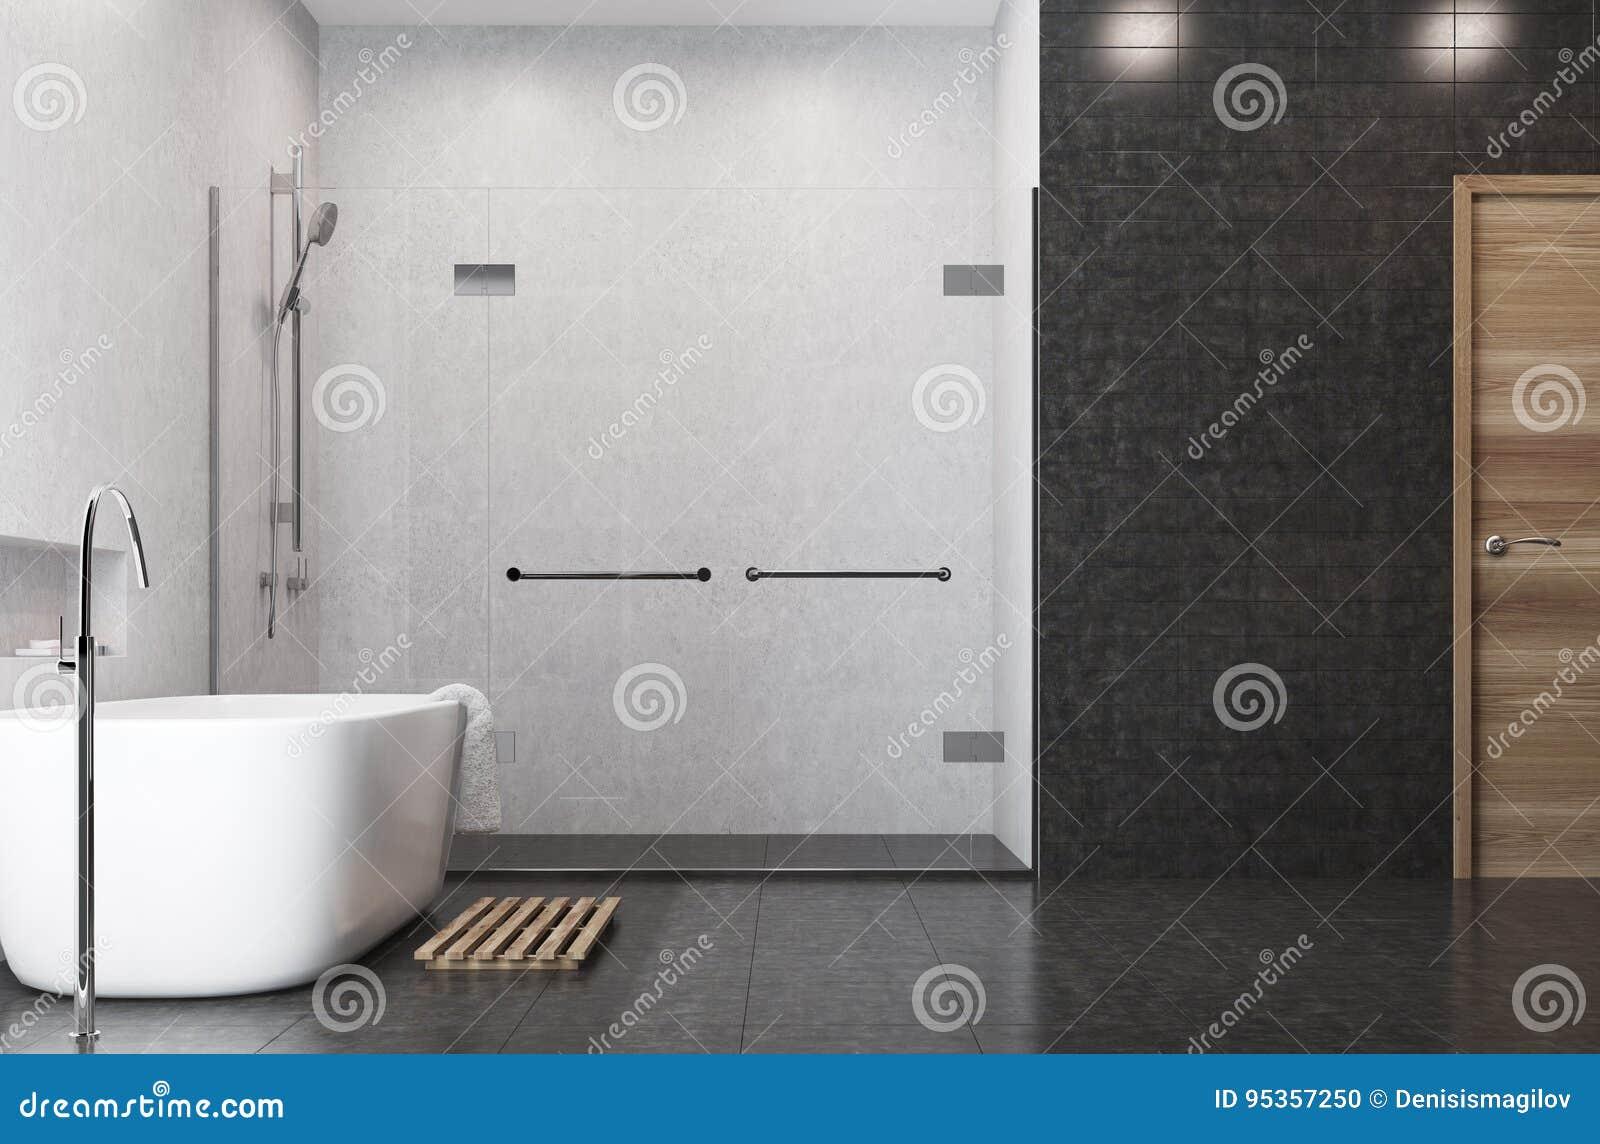 Weisses Badezimmer Schwarze Fliesen Duschseite Stock Abbildung